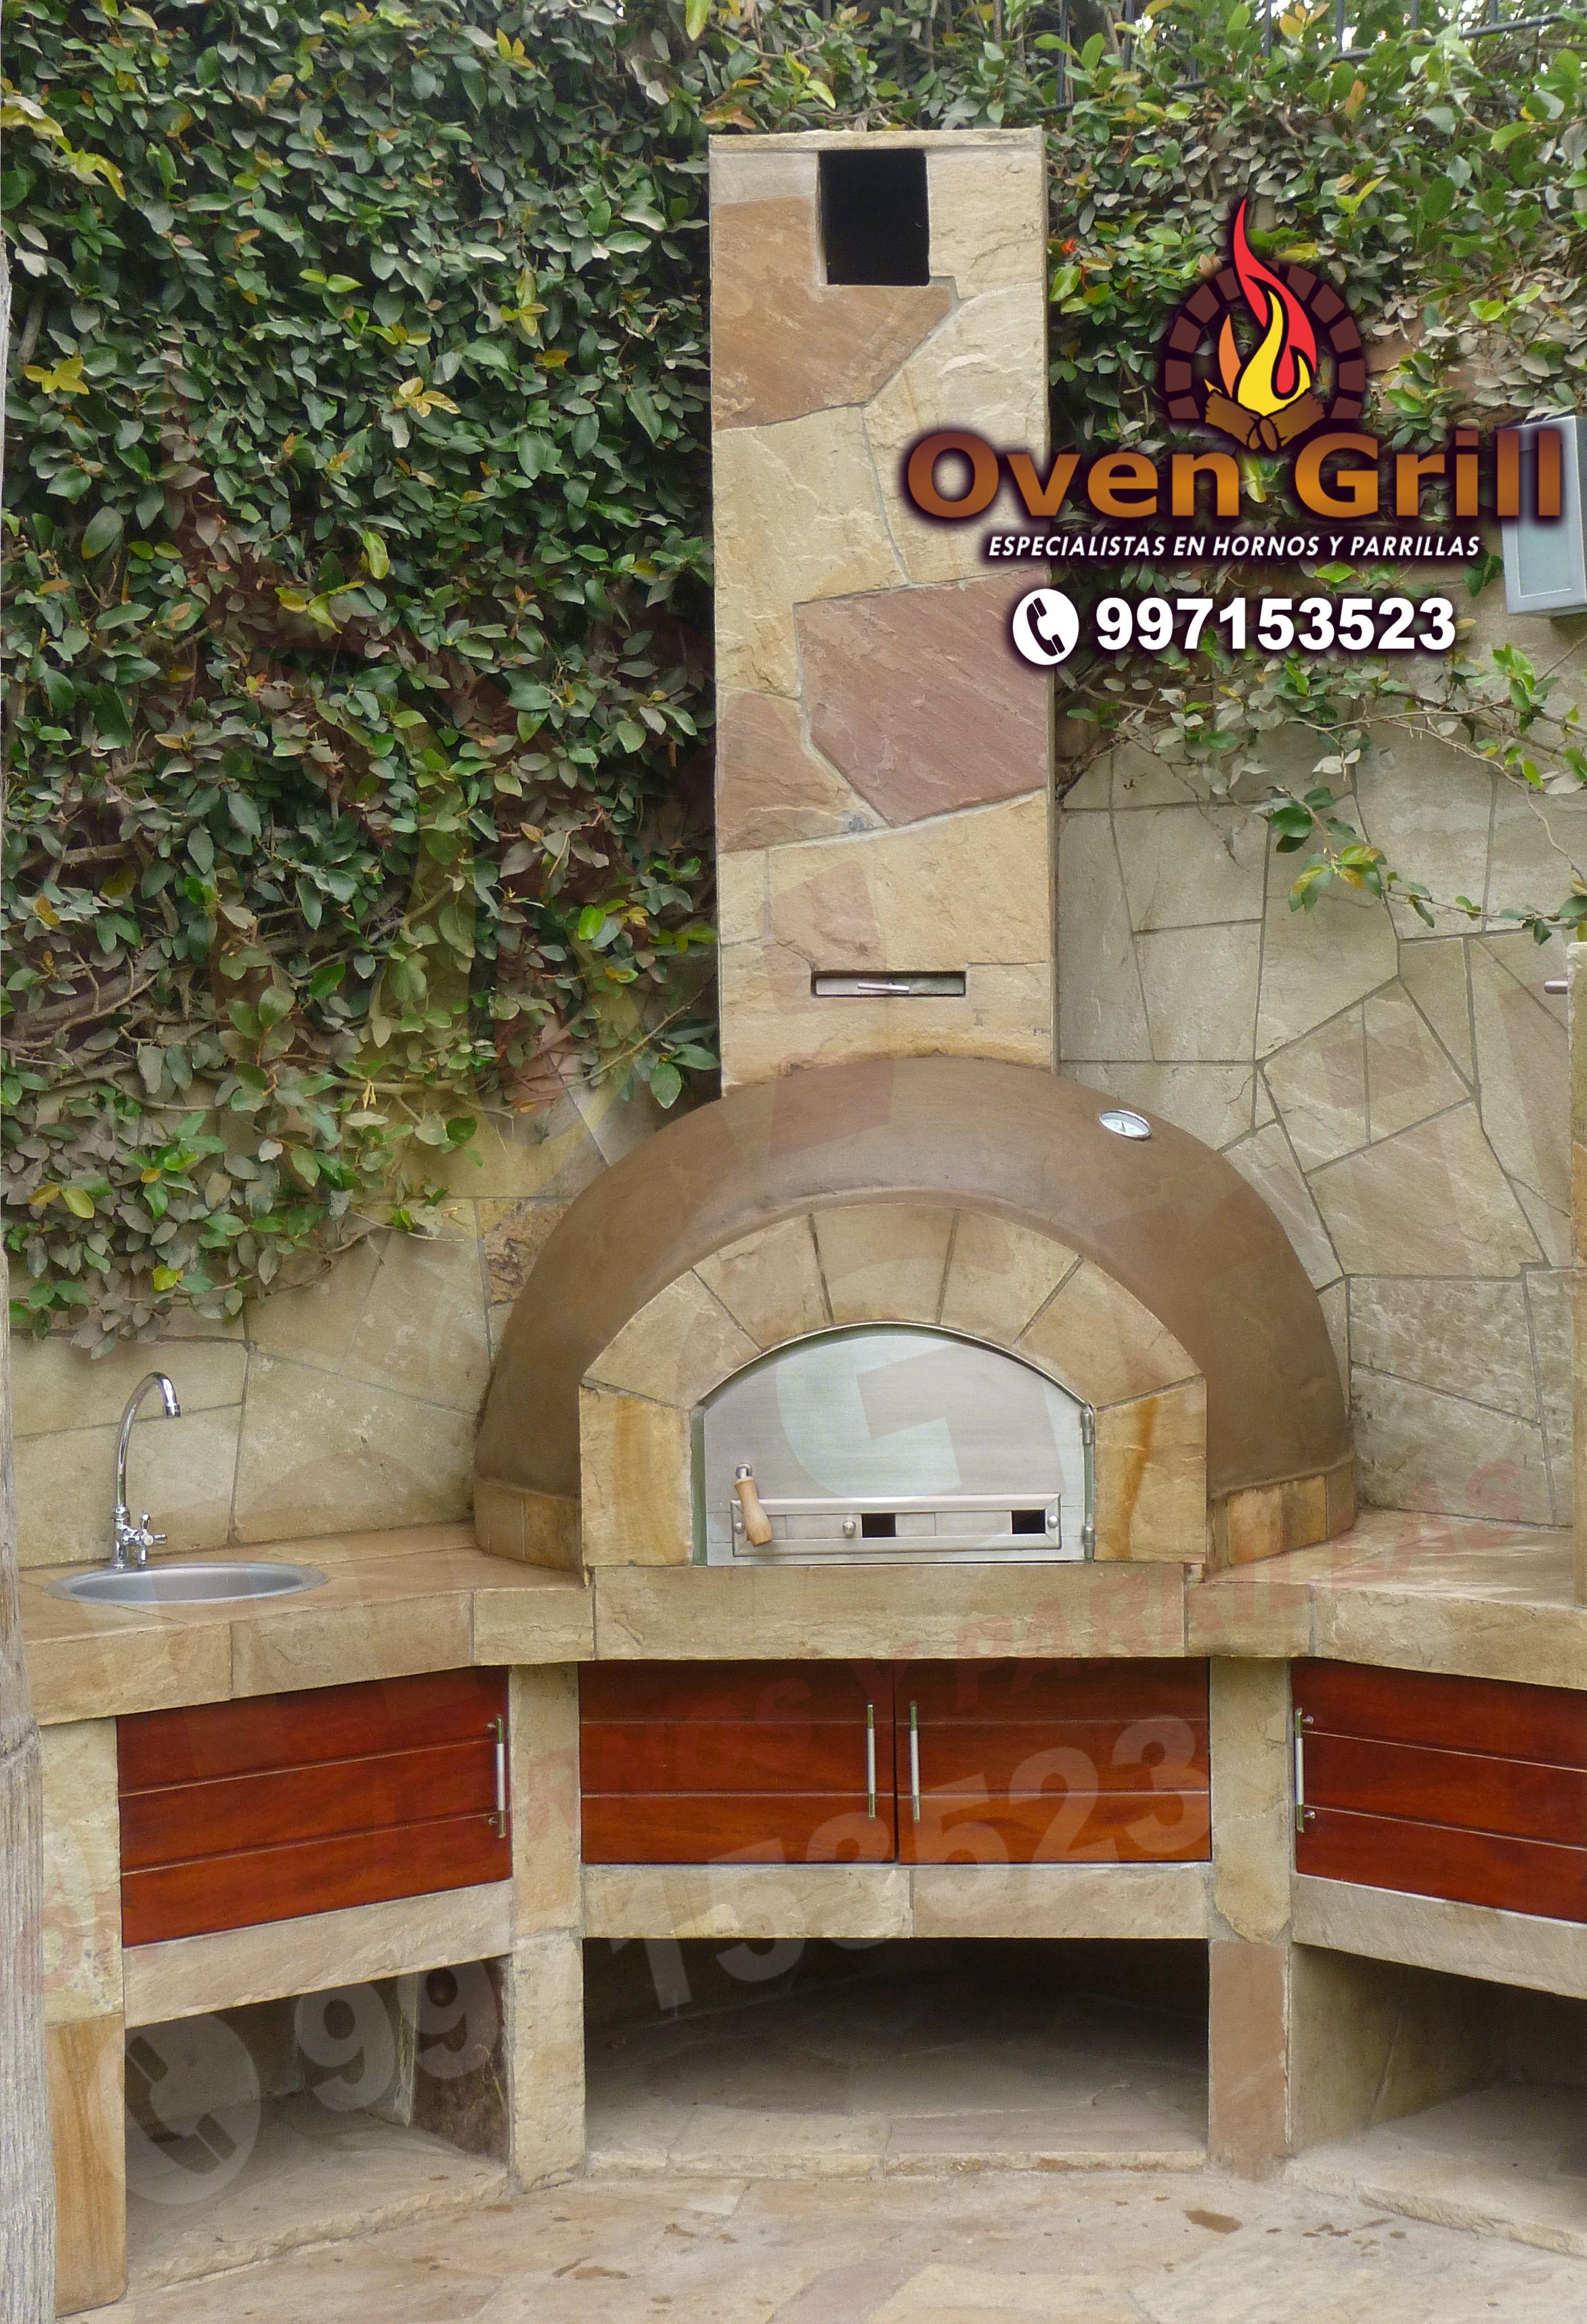 28 Outdoor Wood Fired Ovens Help To Jazz Up Your Backyard Time: Chimeneas, Decoracion De Interiores, Decoración De Unas